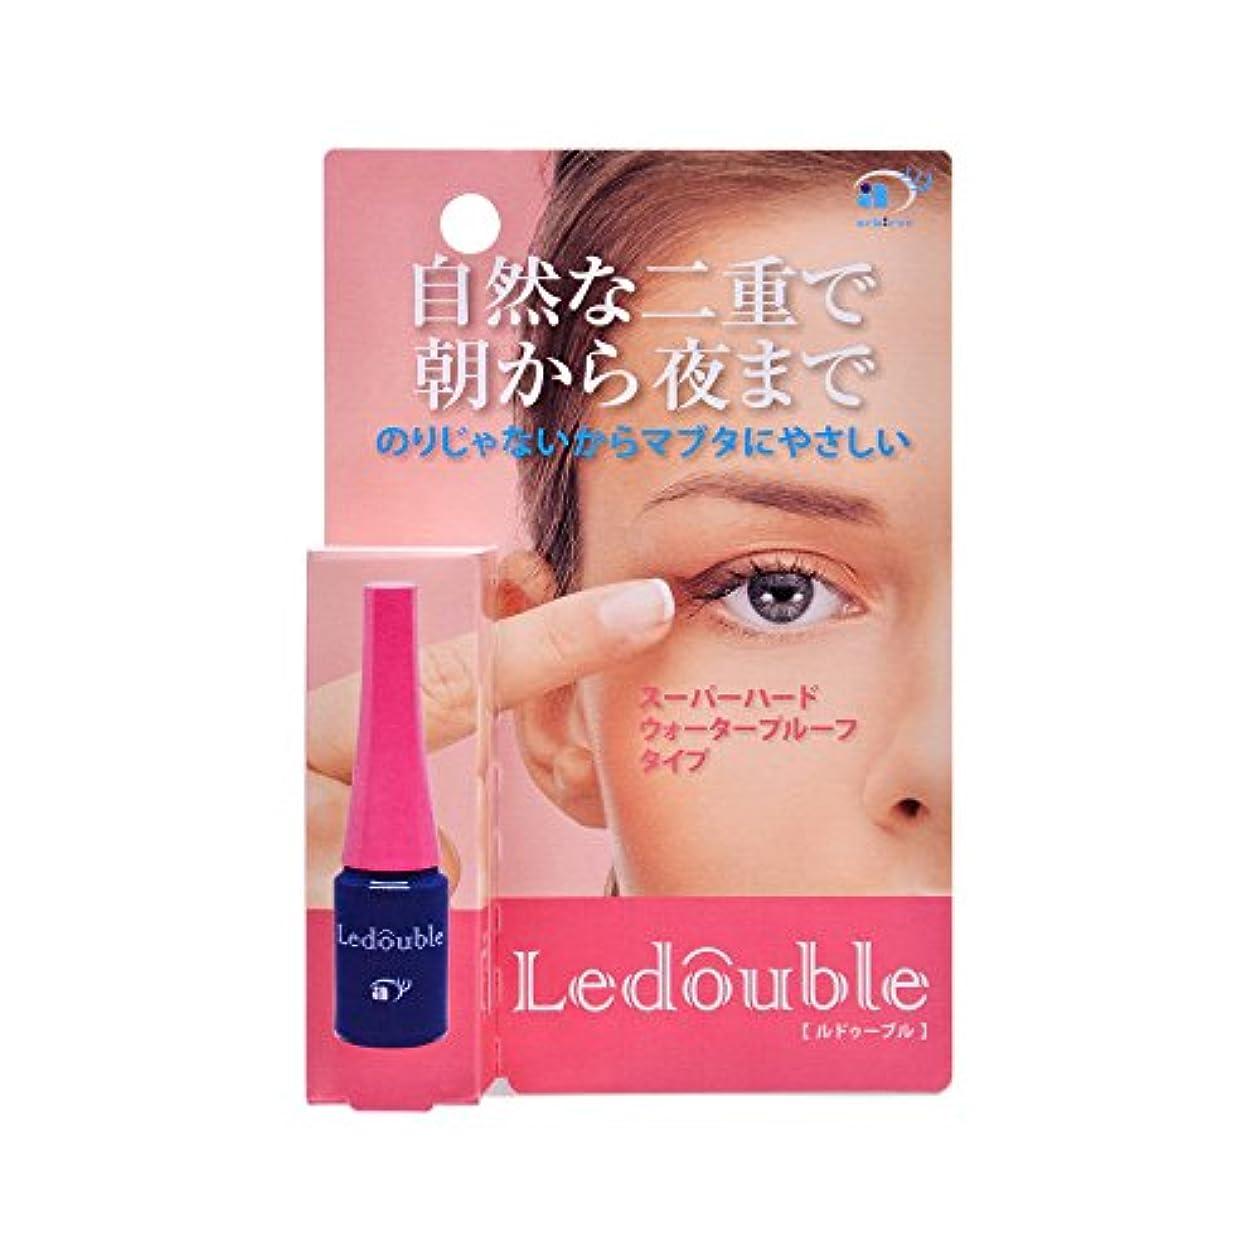 中古砲兵里親Ledouble [ルドゥーブル] 二重まぶた化粧品 (2mL)